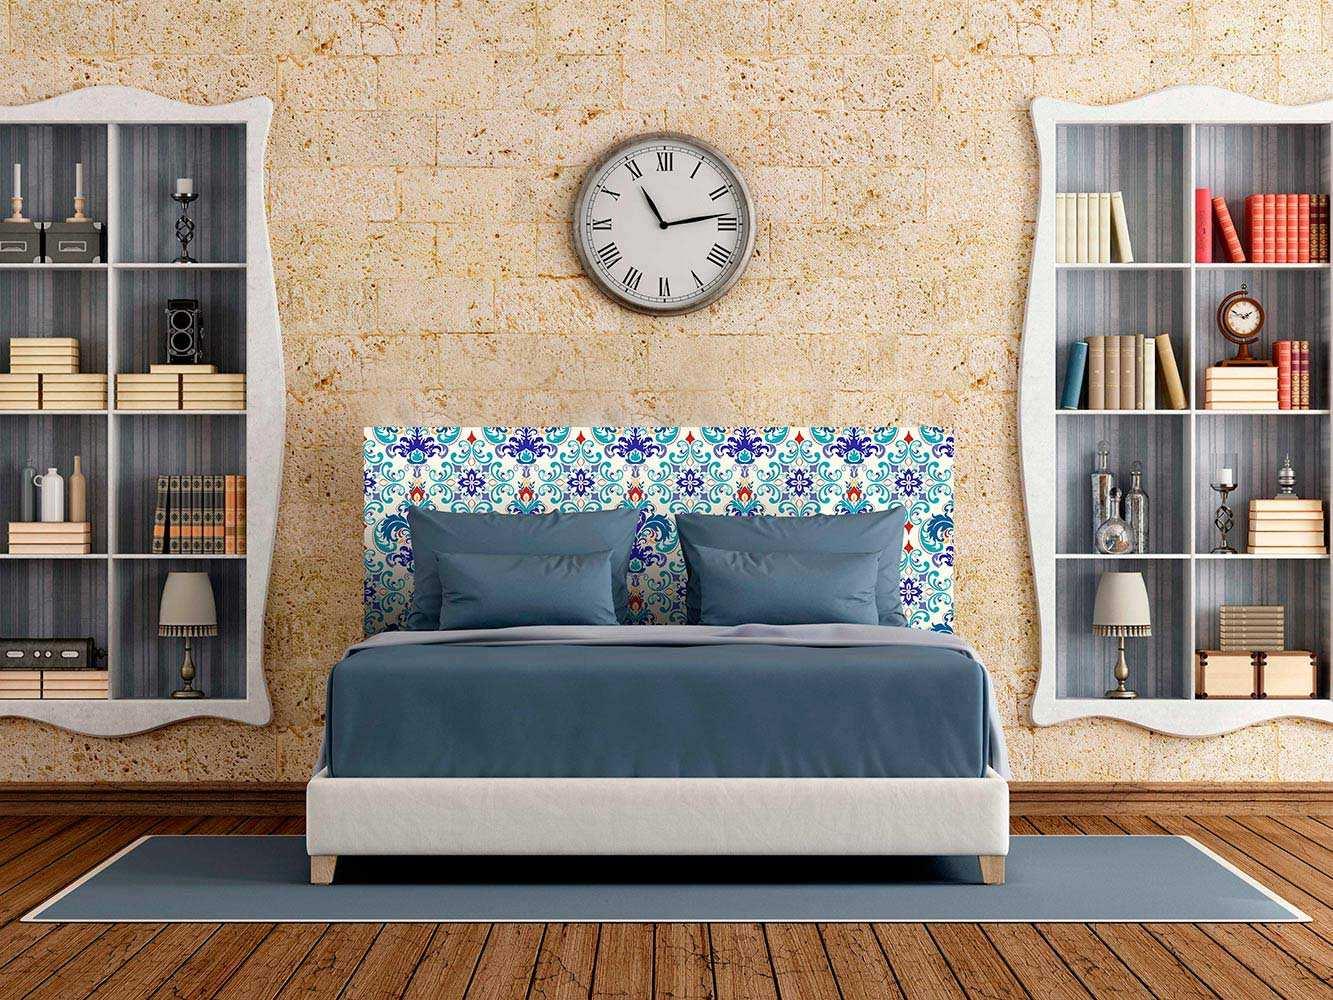 Cabecero Cama Flor Abstracta Azul   Carteles XXL - Impresión carteleria publicitaria